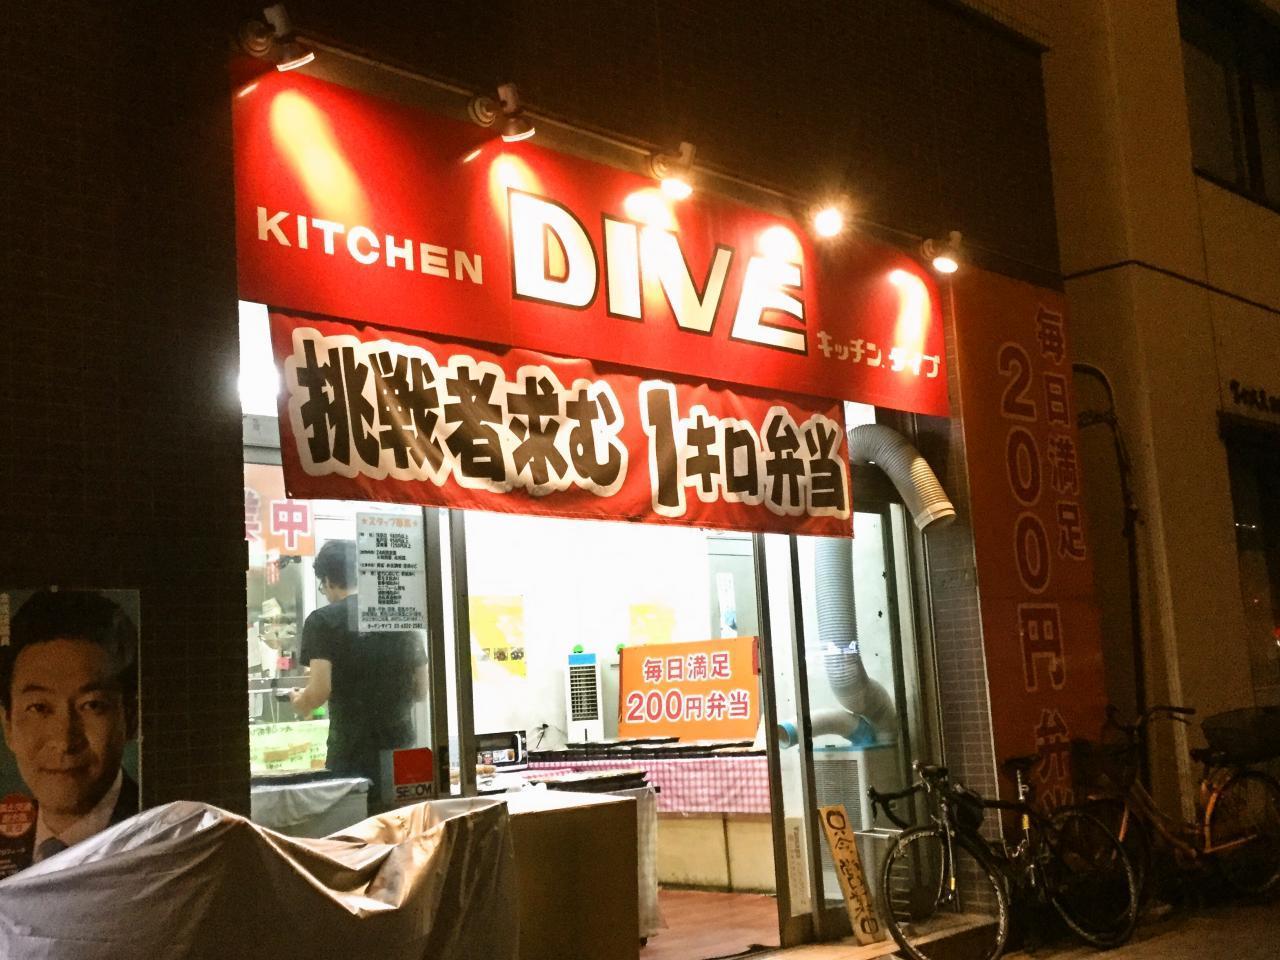 キッチンDIVE(店舗)